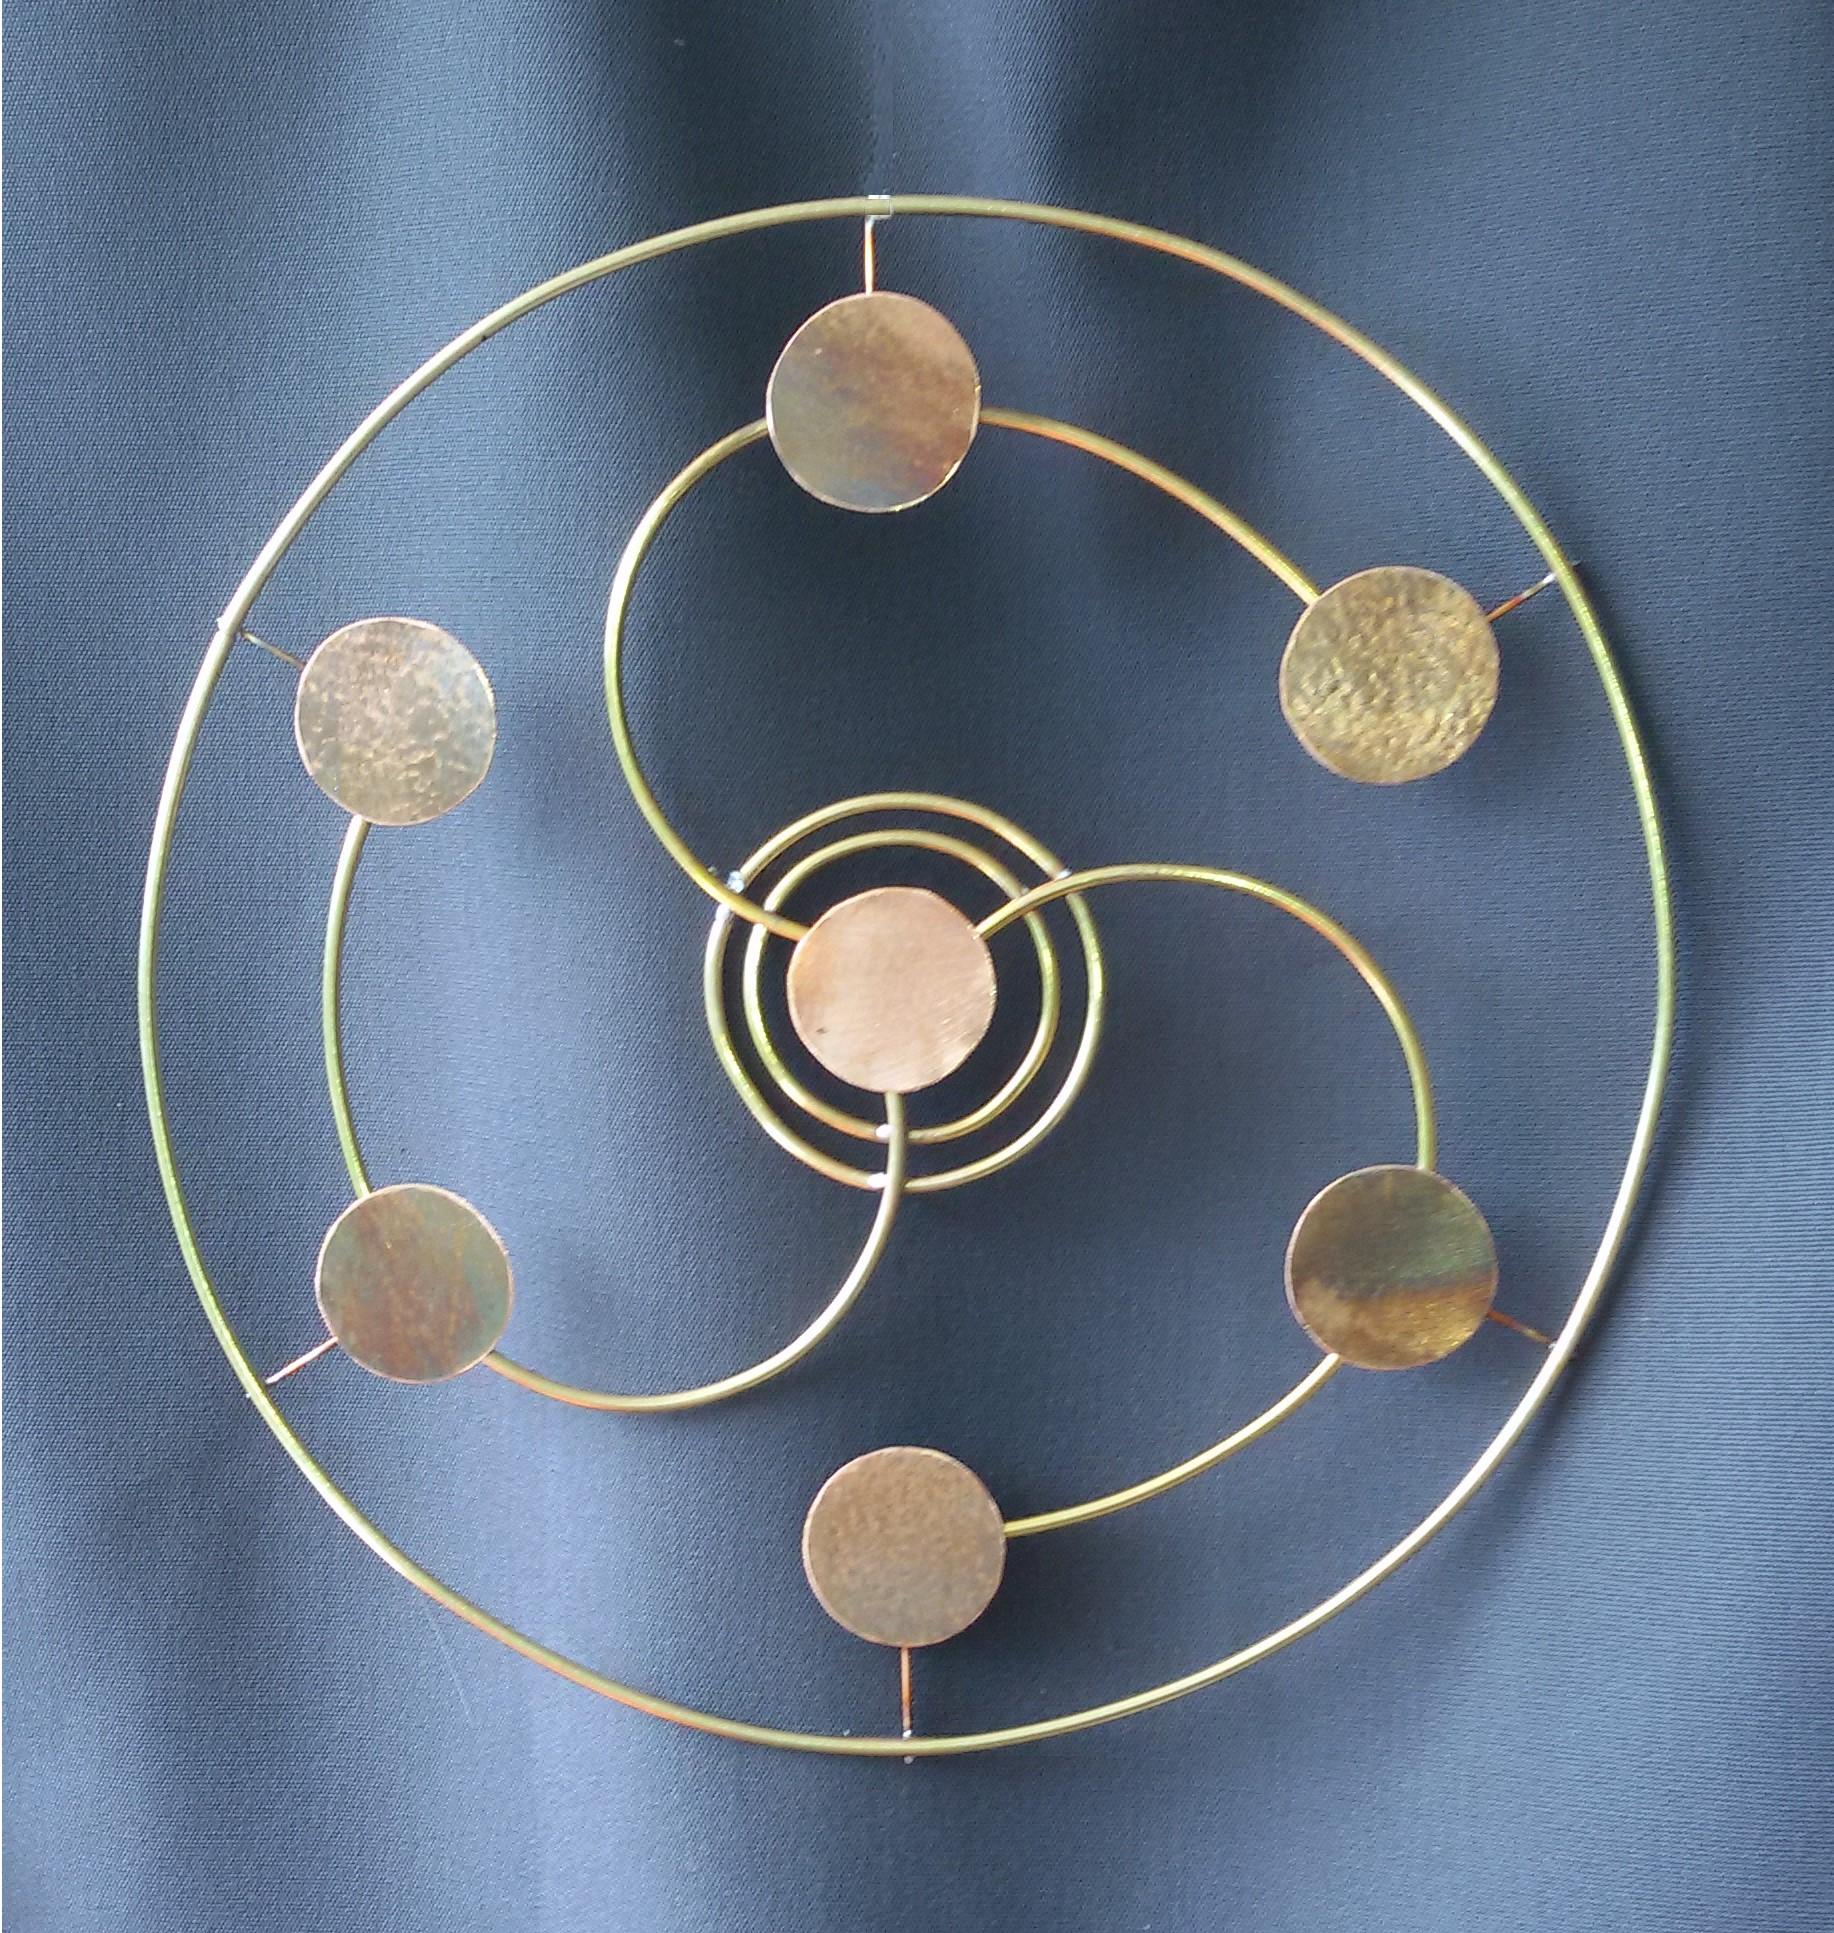 création artisanale, décoration murale, décoration cuivre naturel et laiton